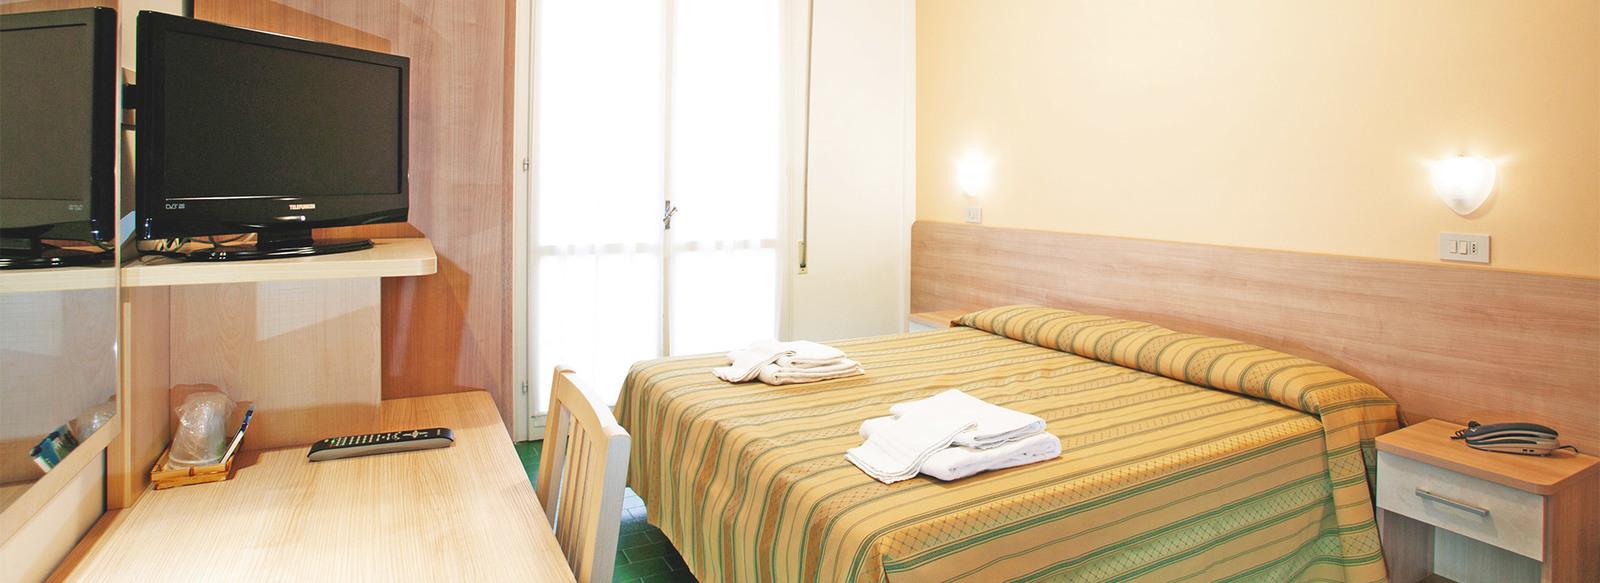 Accoglienza e divertimento in moderno family hotel 3*